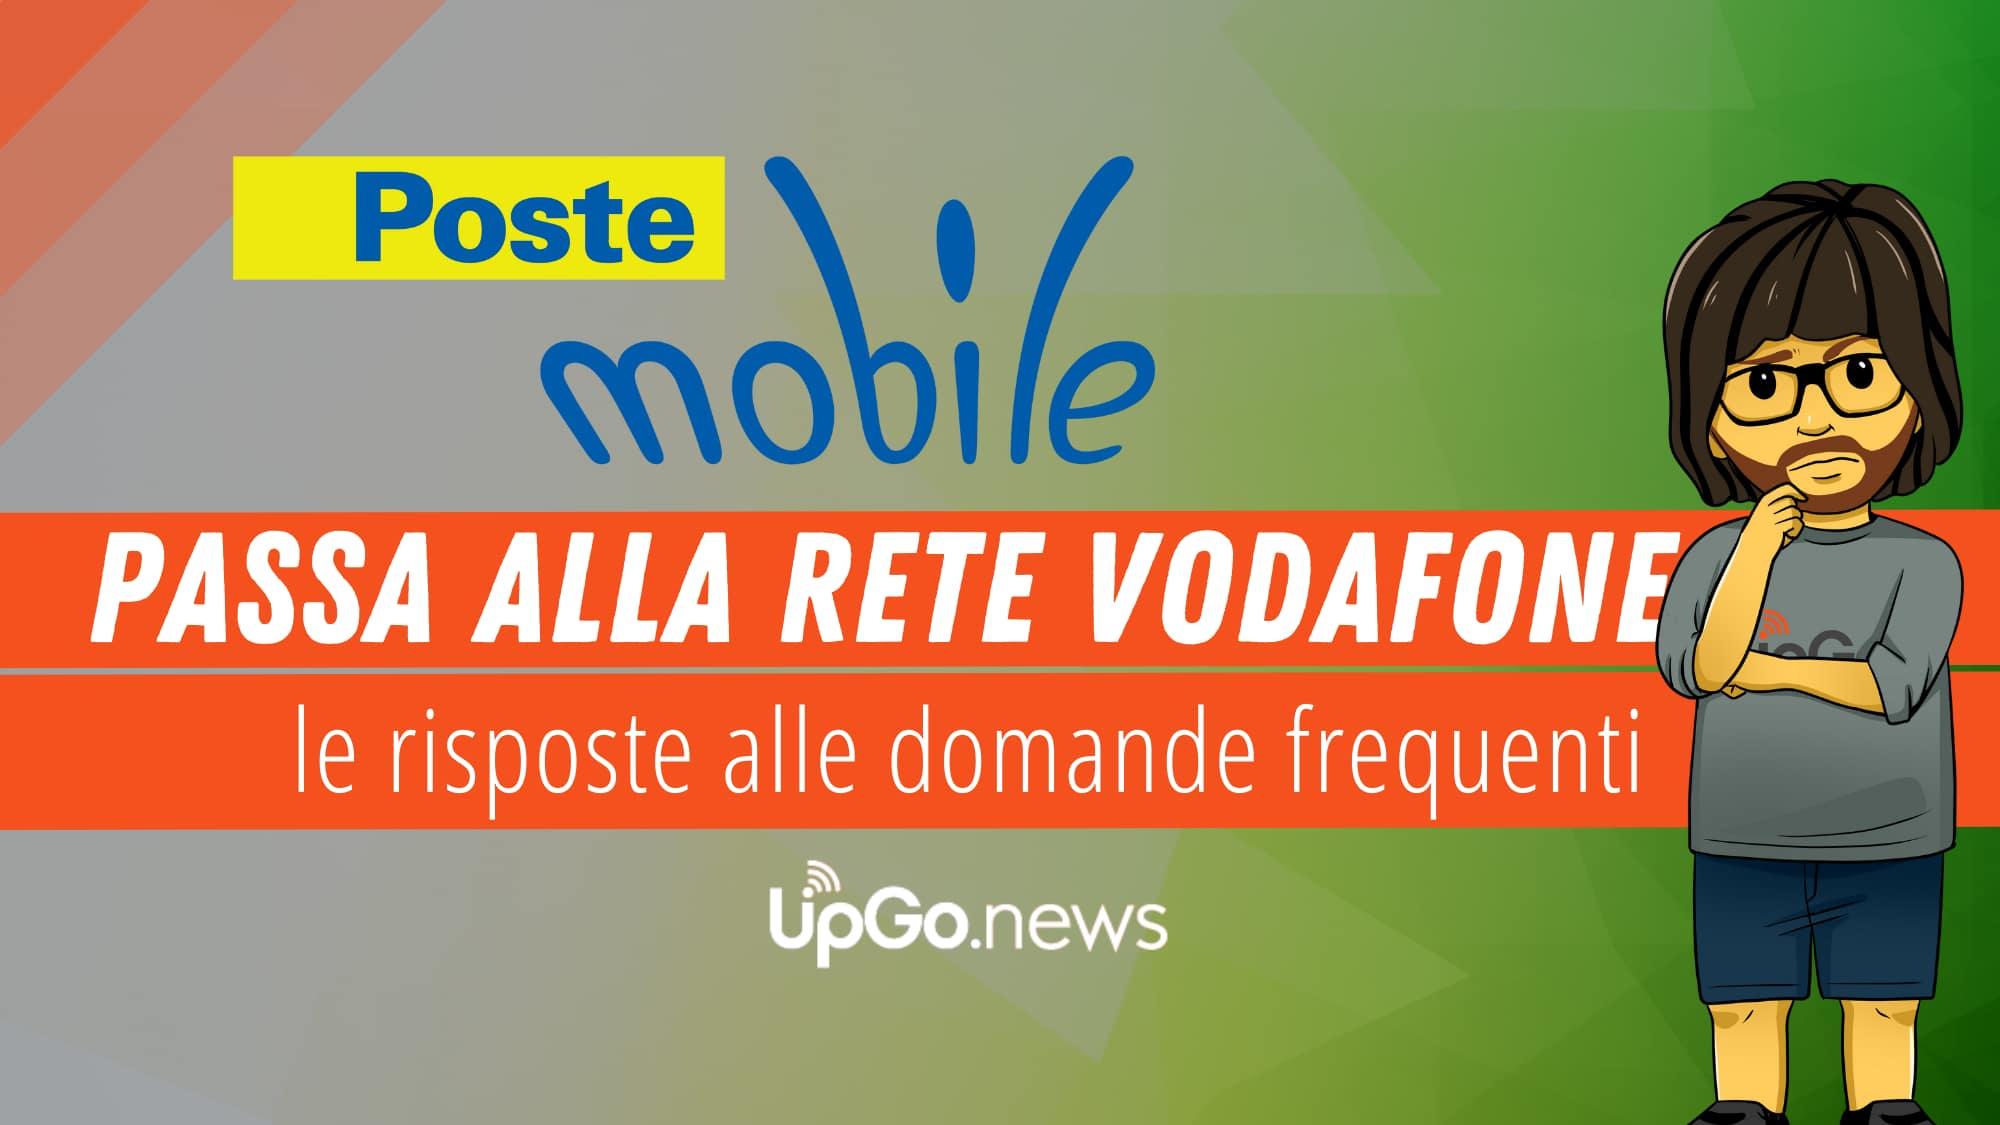 PosteMobile passa a rete Vodafone